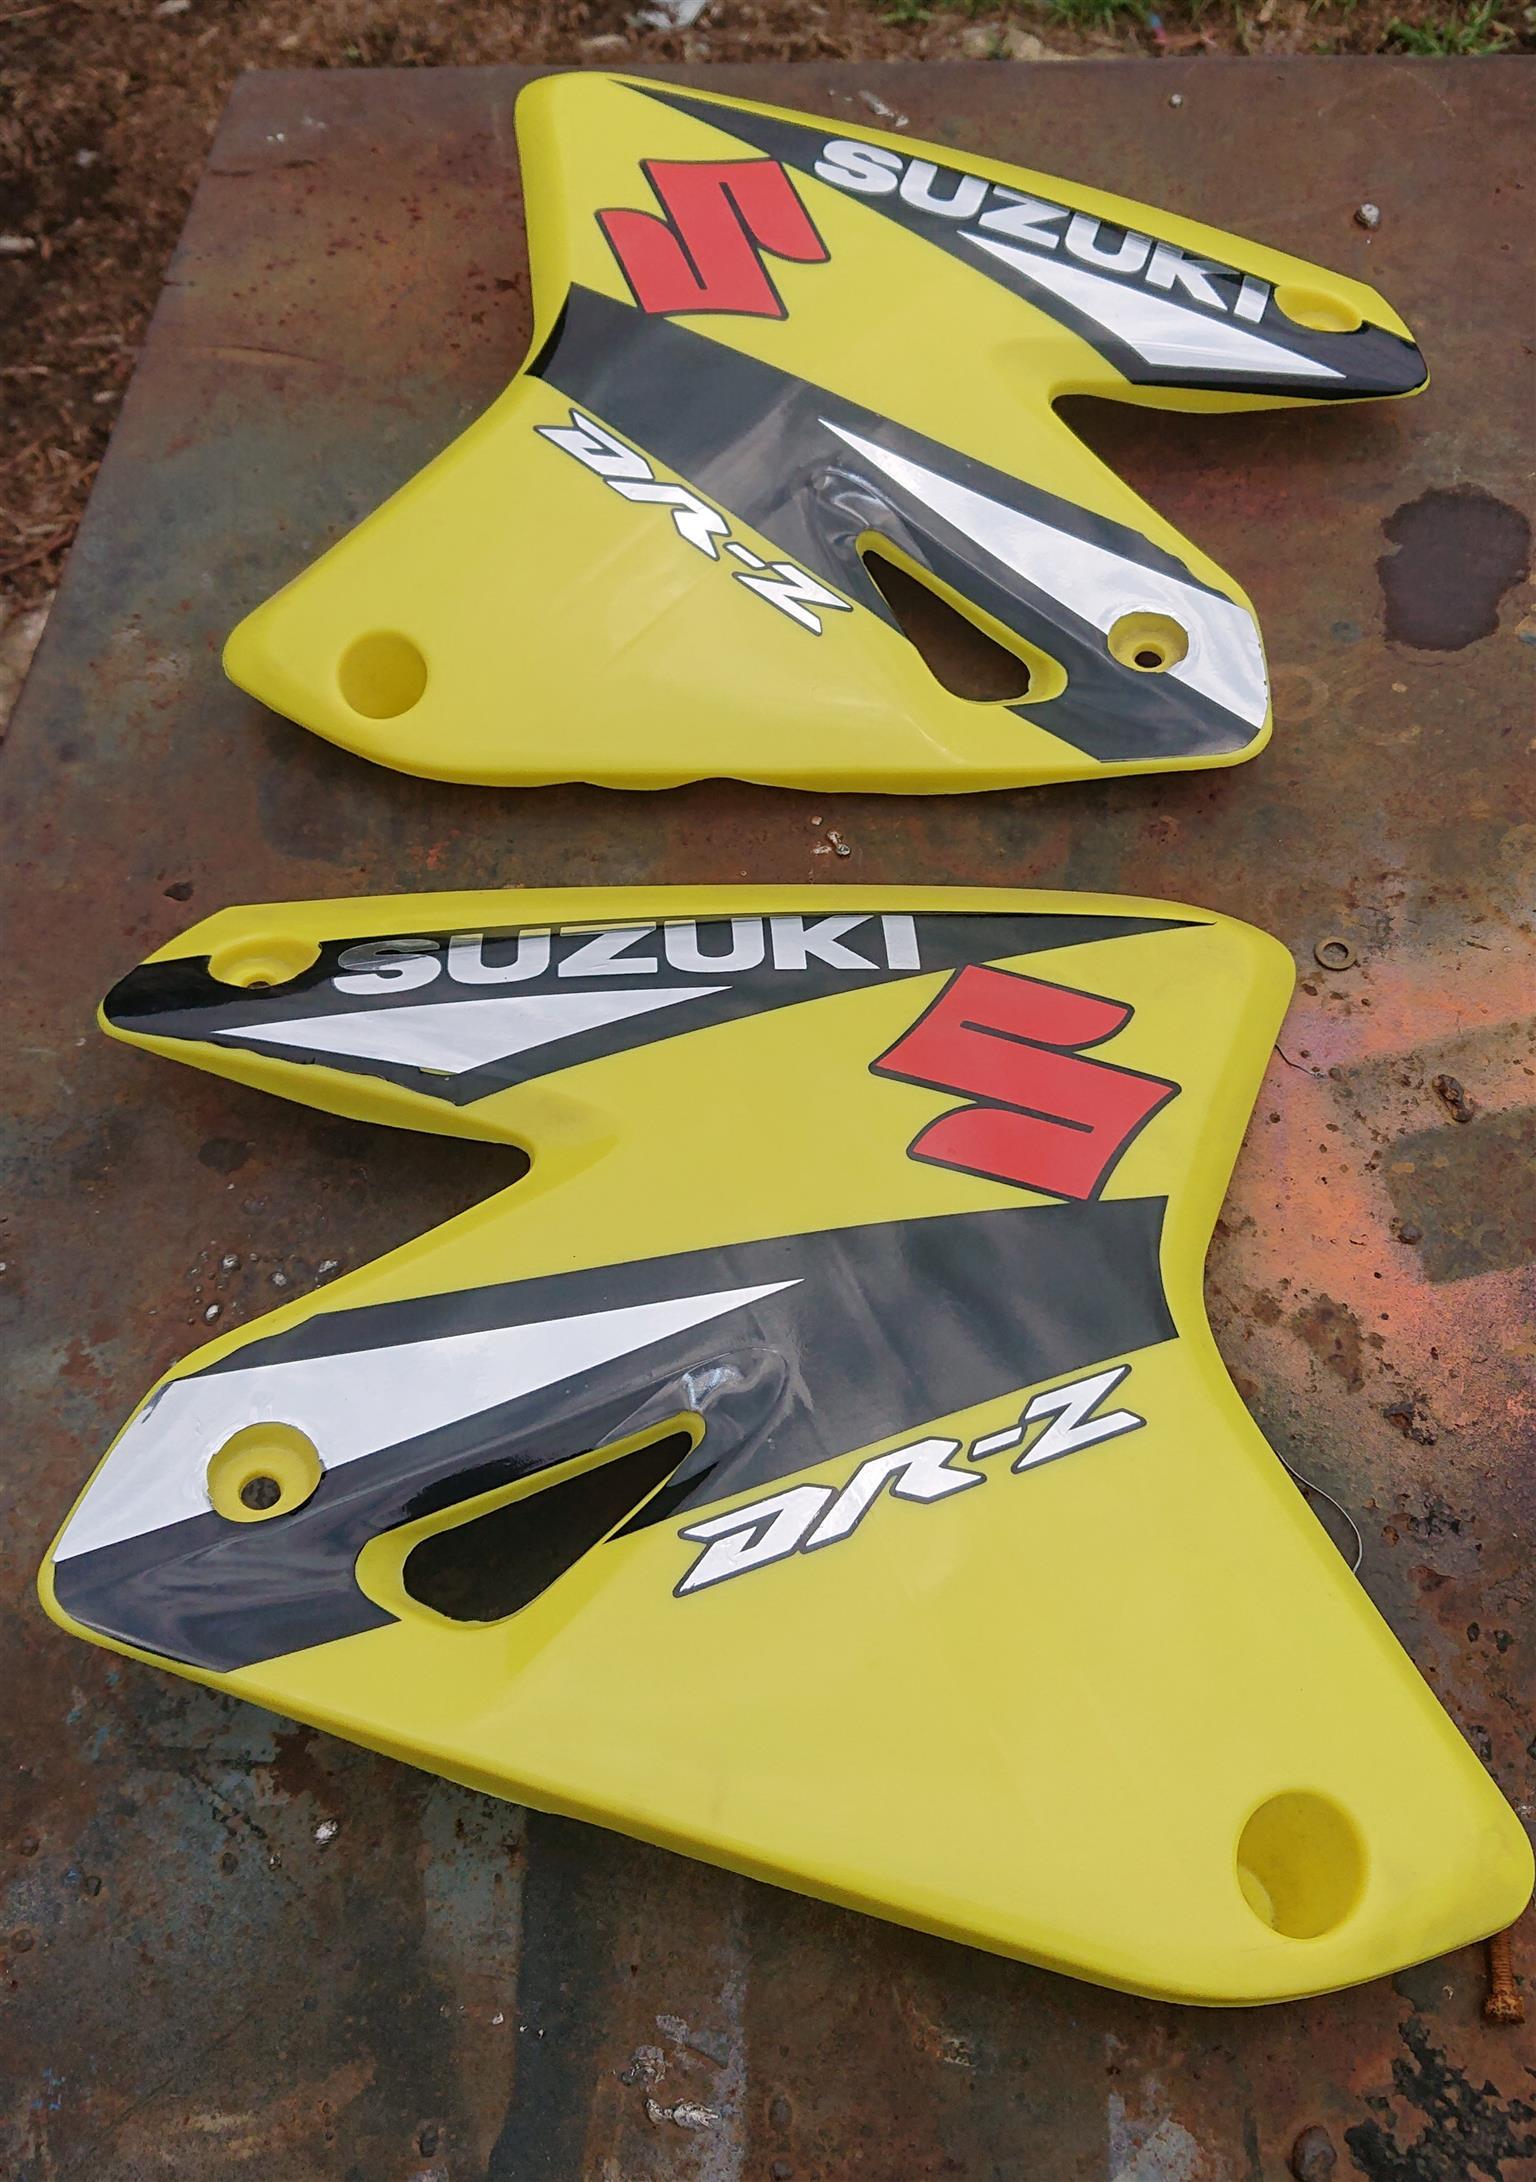 Suzuki Drz400 spares